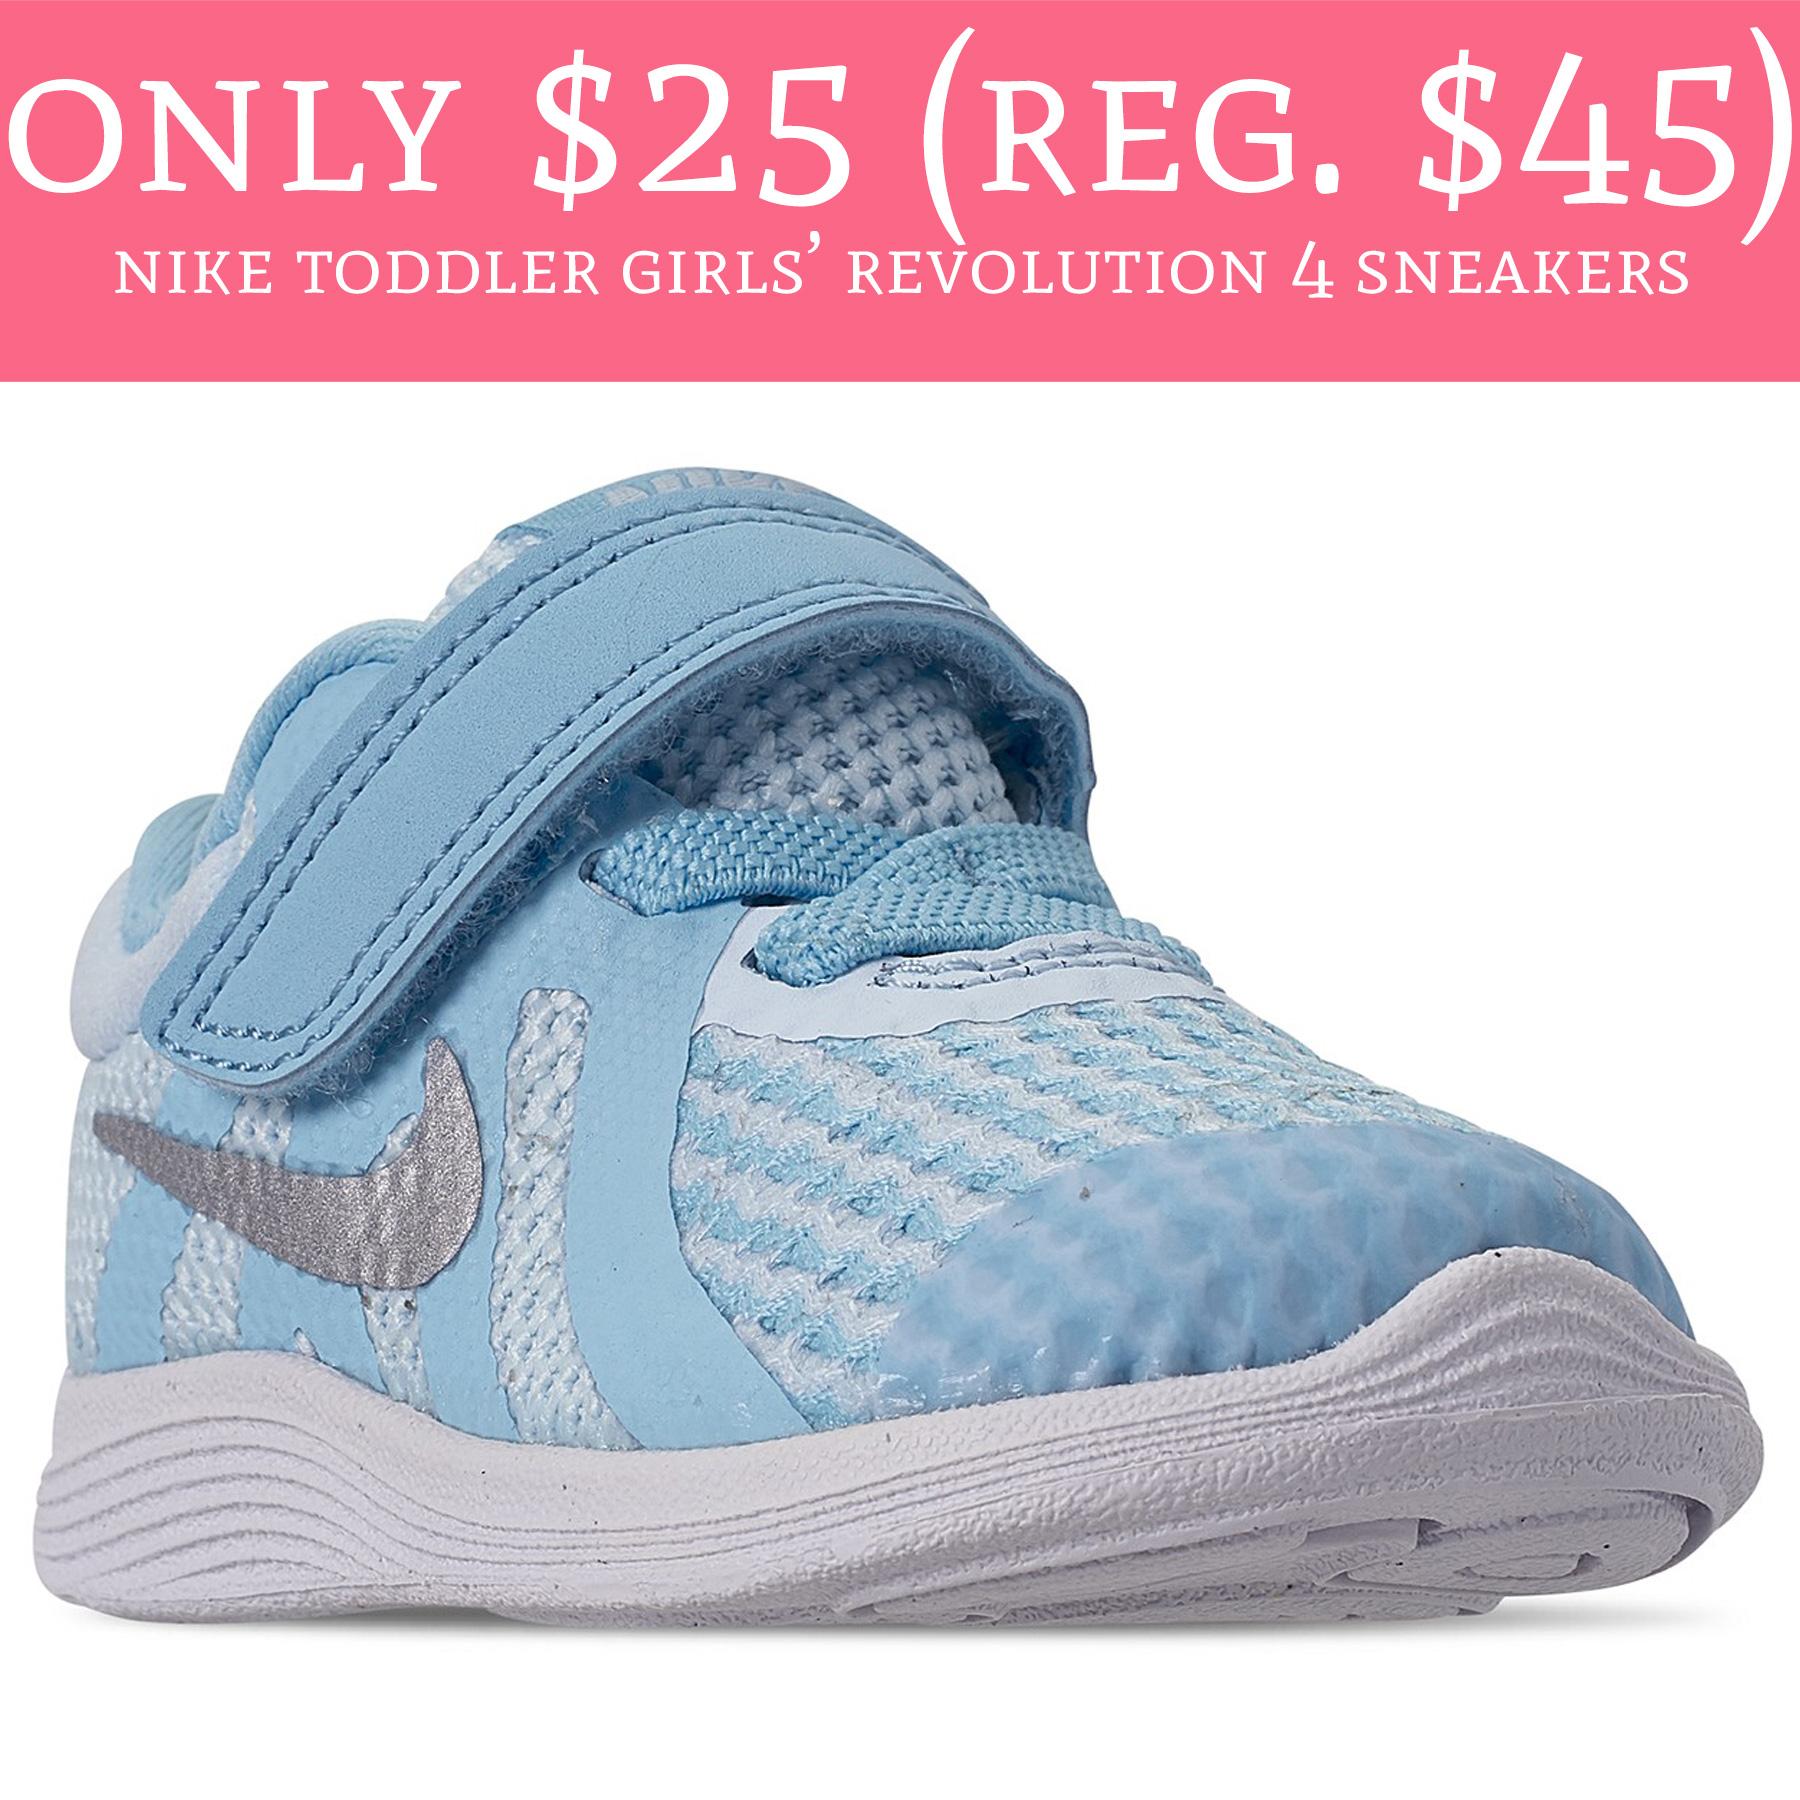 0351c015291c5 Only  25 (Reg.  45) Nike Toddler Girls  Revolution 4 Sneakers - Deal ...